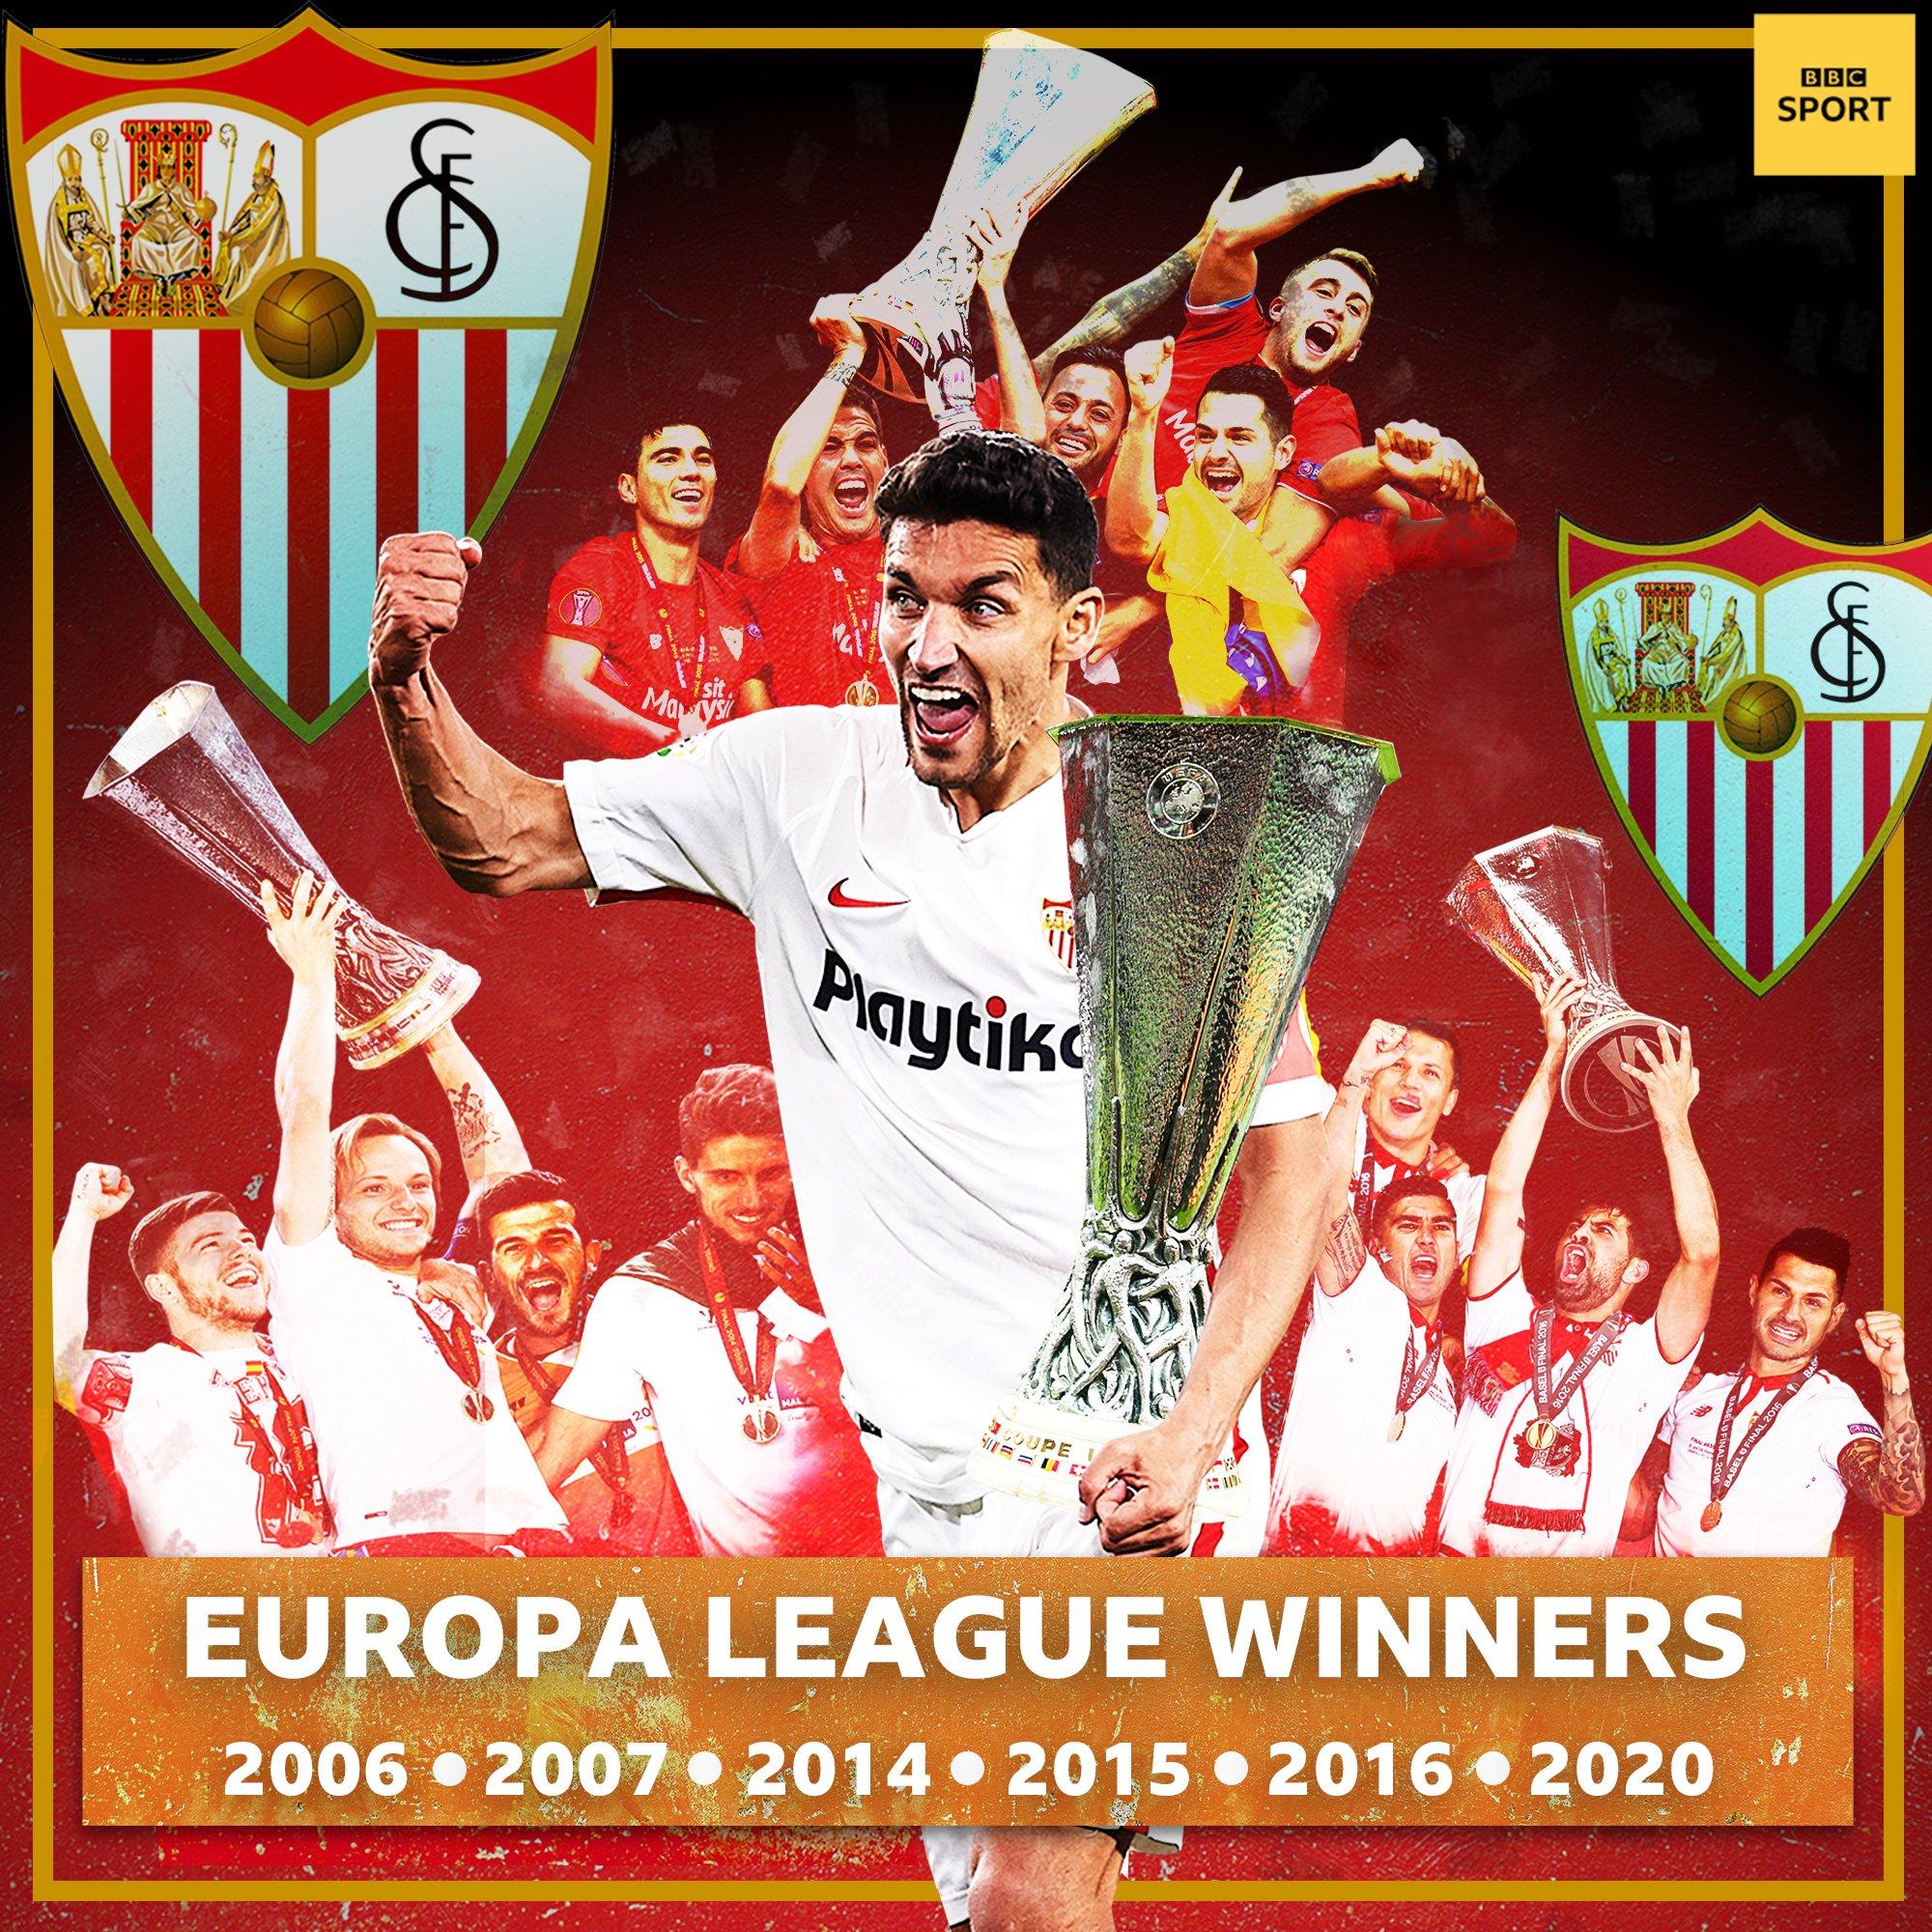 欧联绝对王者!塞维利亚捧杯,队史第6次赢得欧联杯冠军